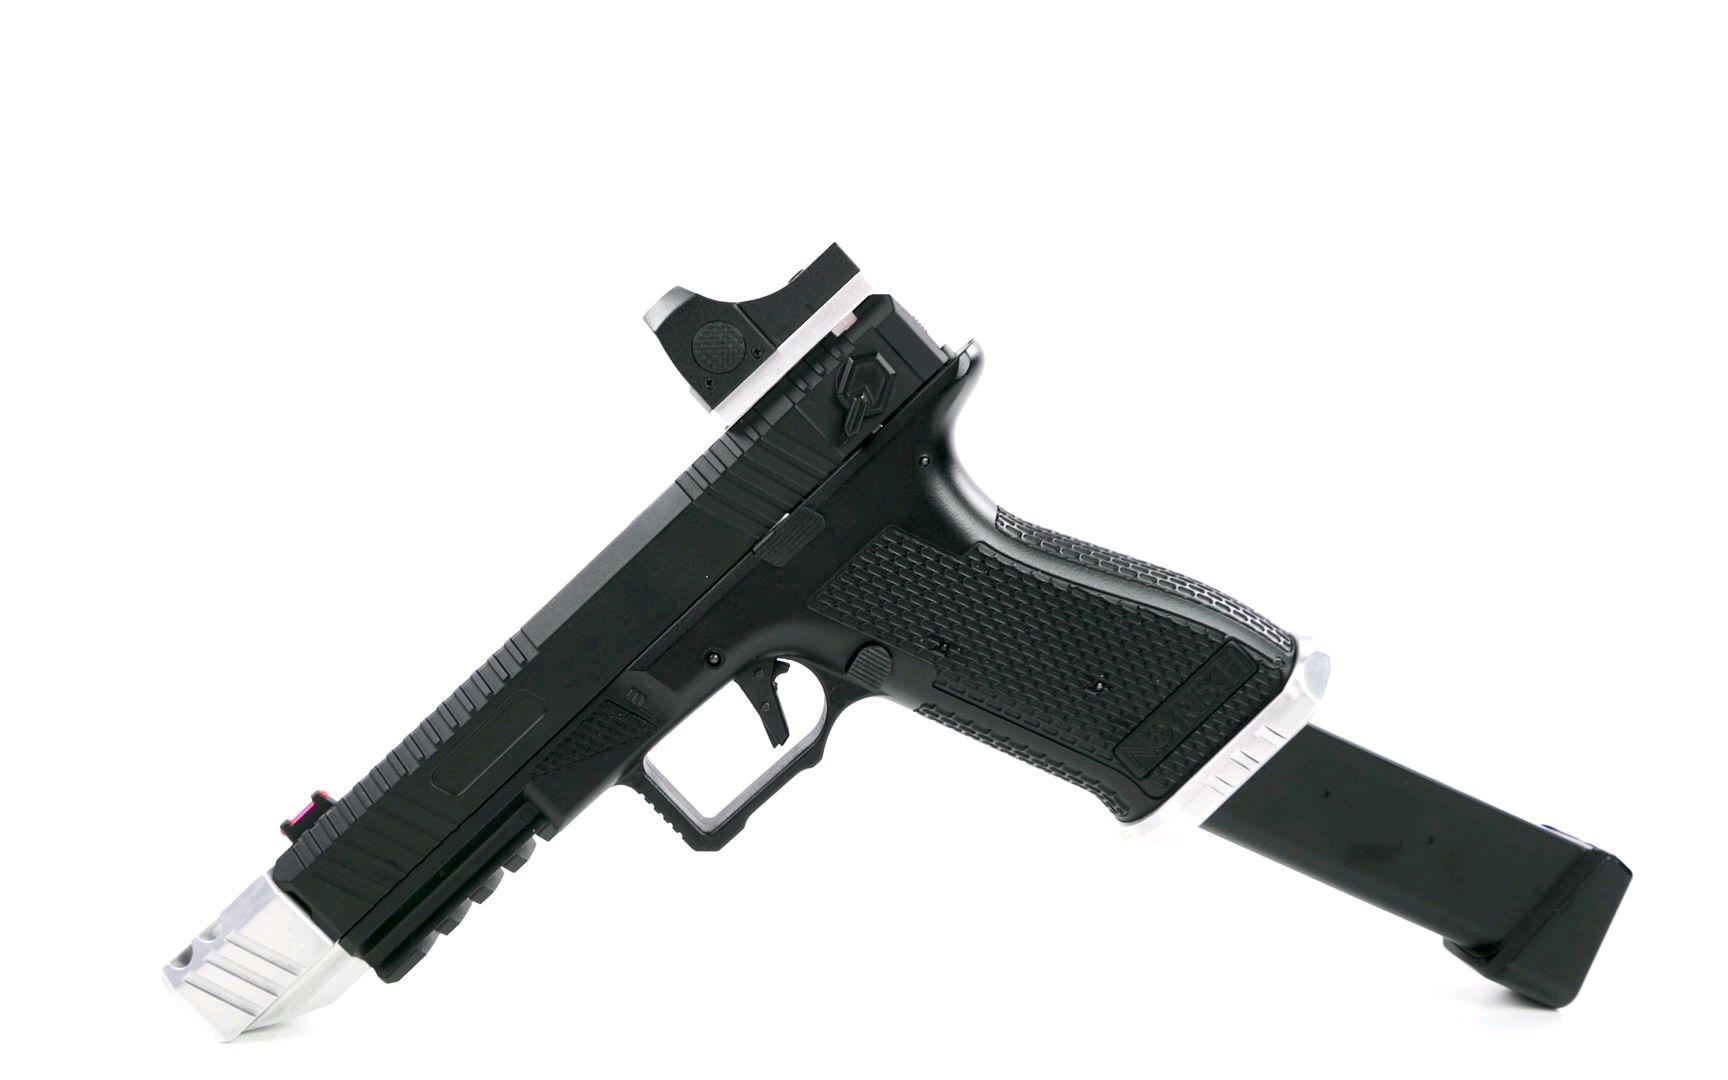 [油管搬运]全自动SSE18玩具枪